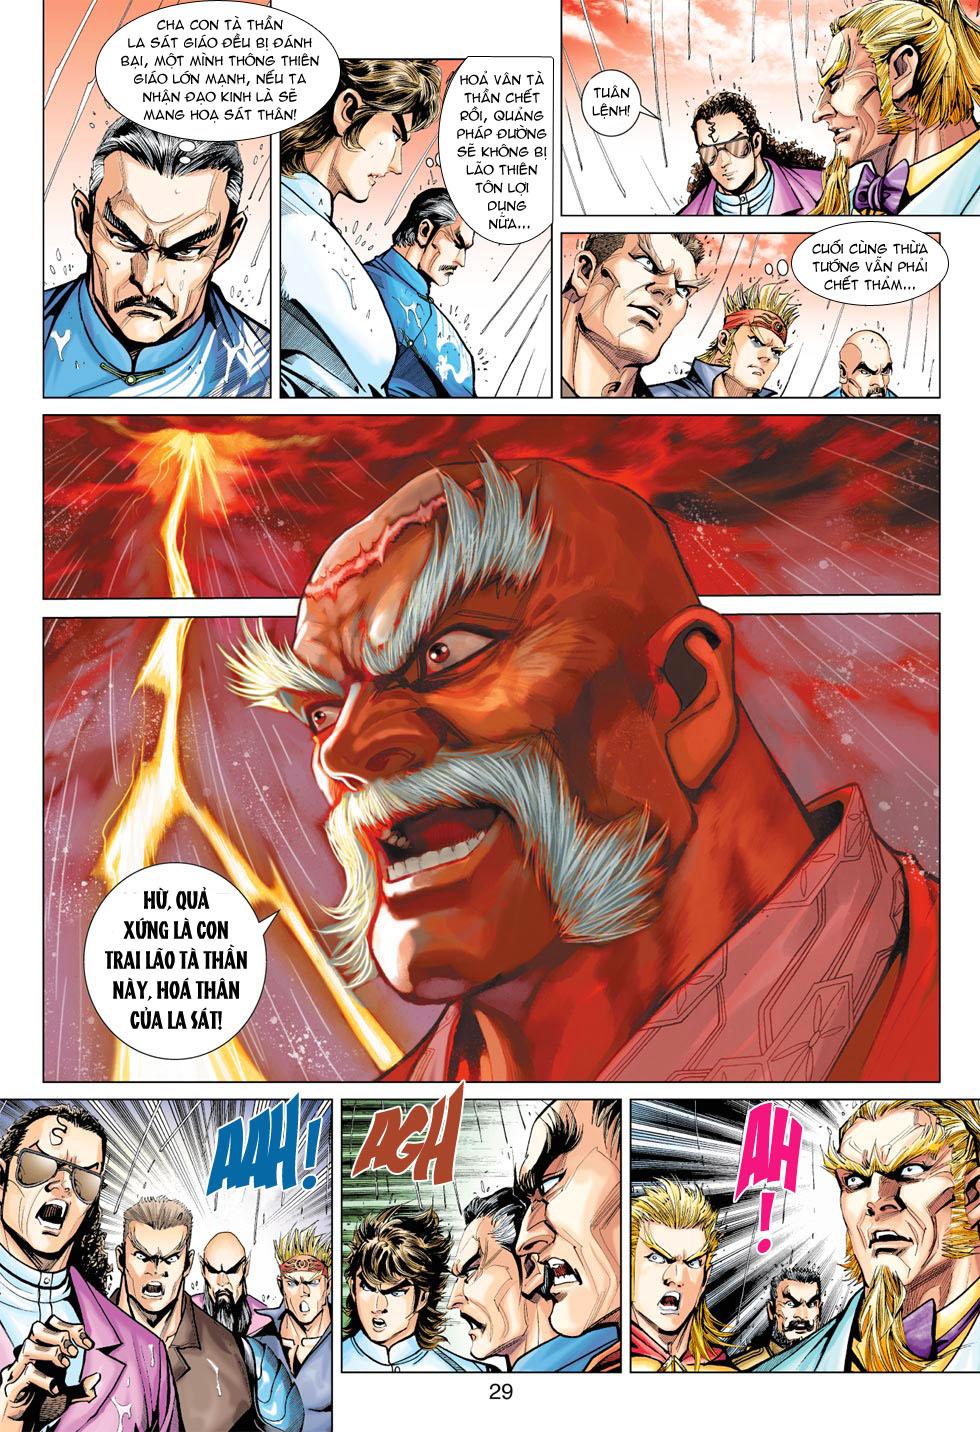 Tân Tác Long Hổ Môn trang 62